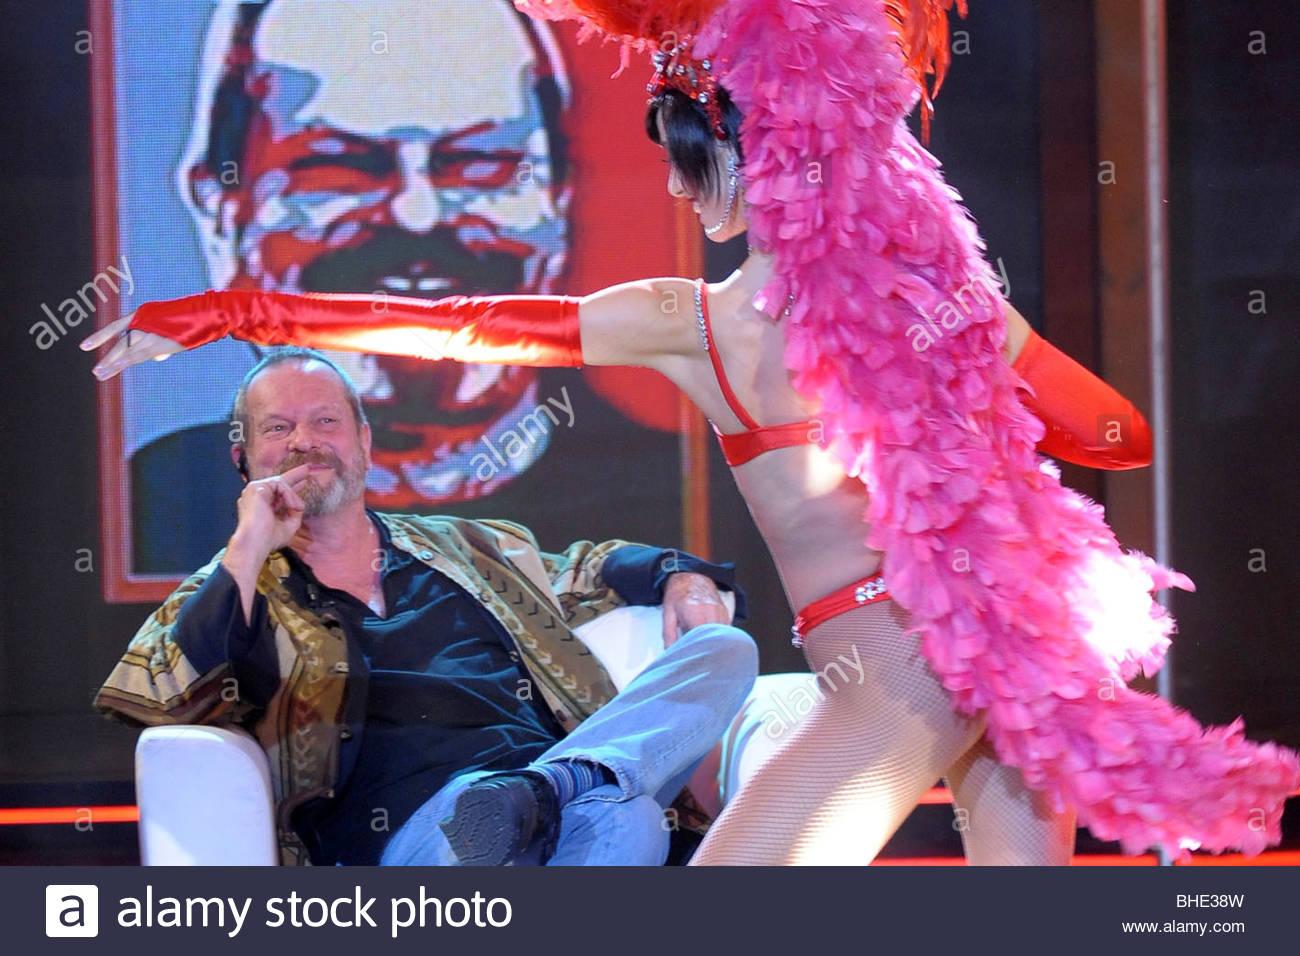 terry gilliam, chiambretti night tv show - Stock Image